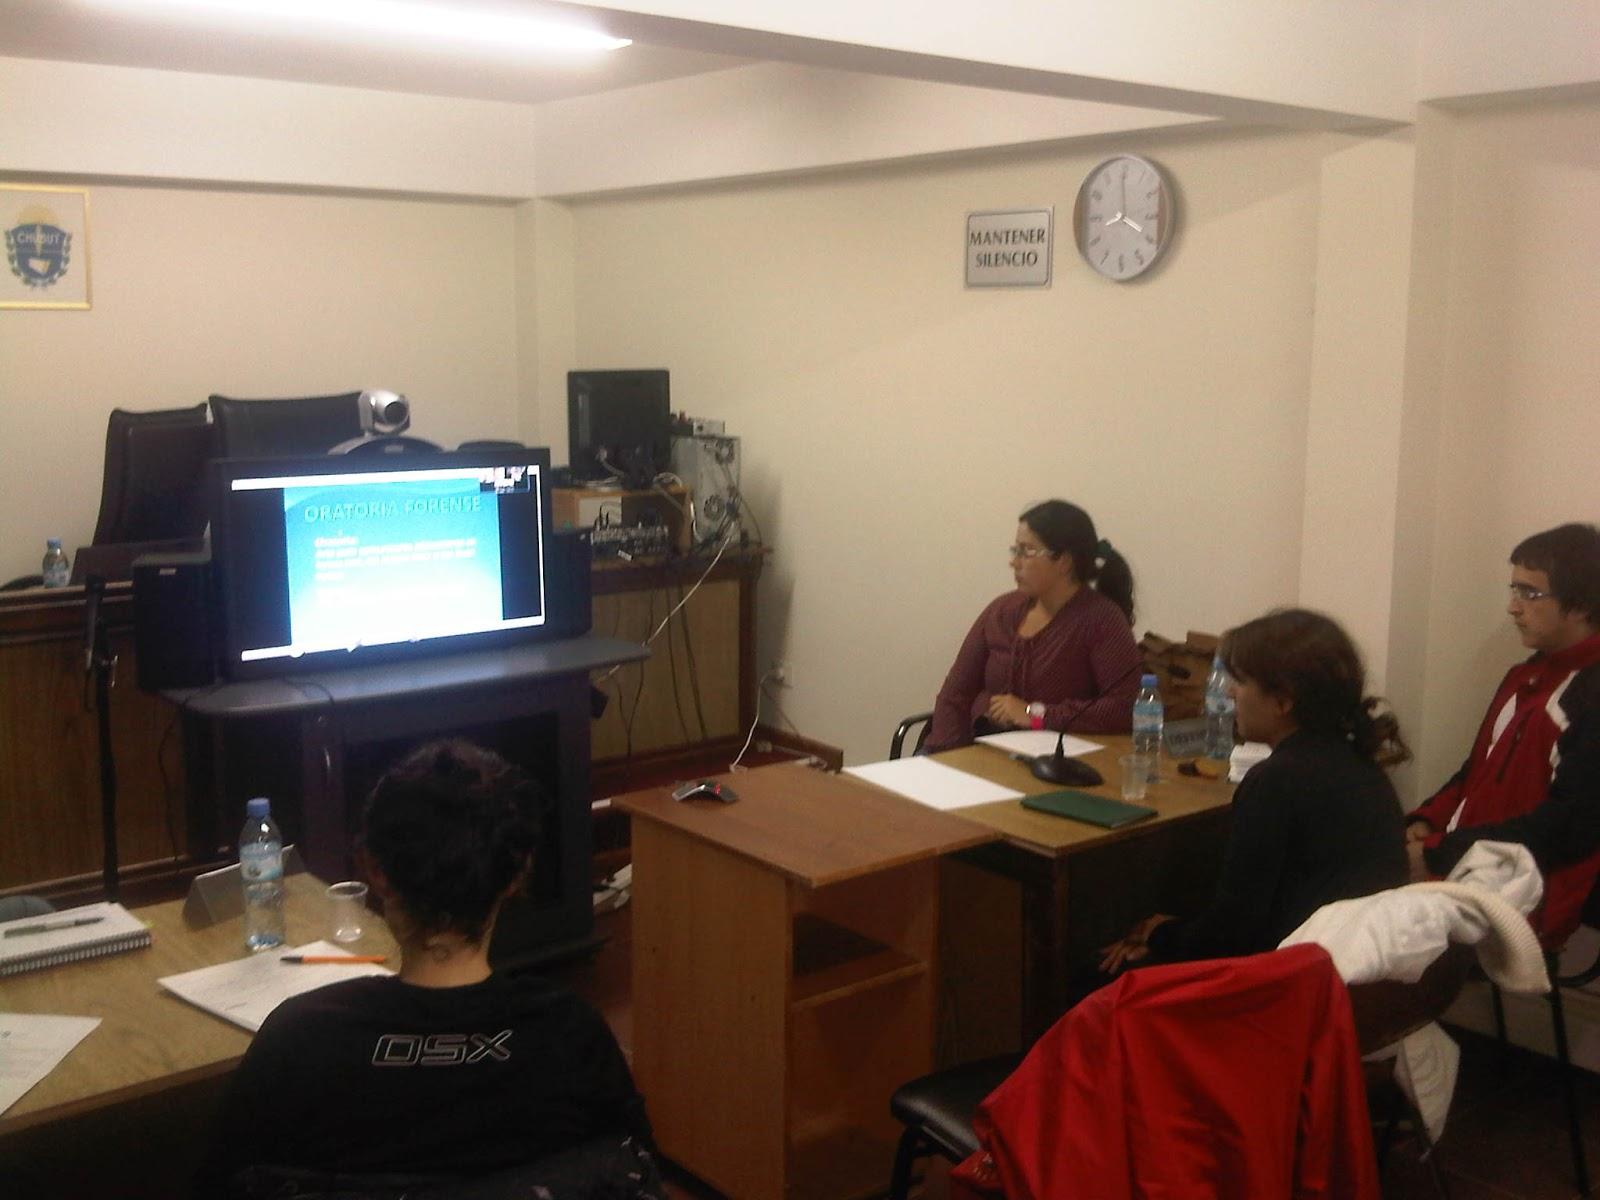 Oficina judicial sarmiento capacitaci n online for Oficina judicial